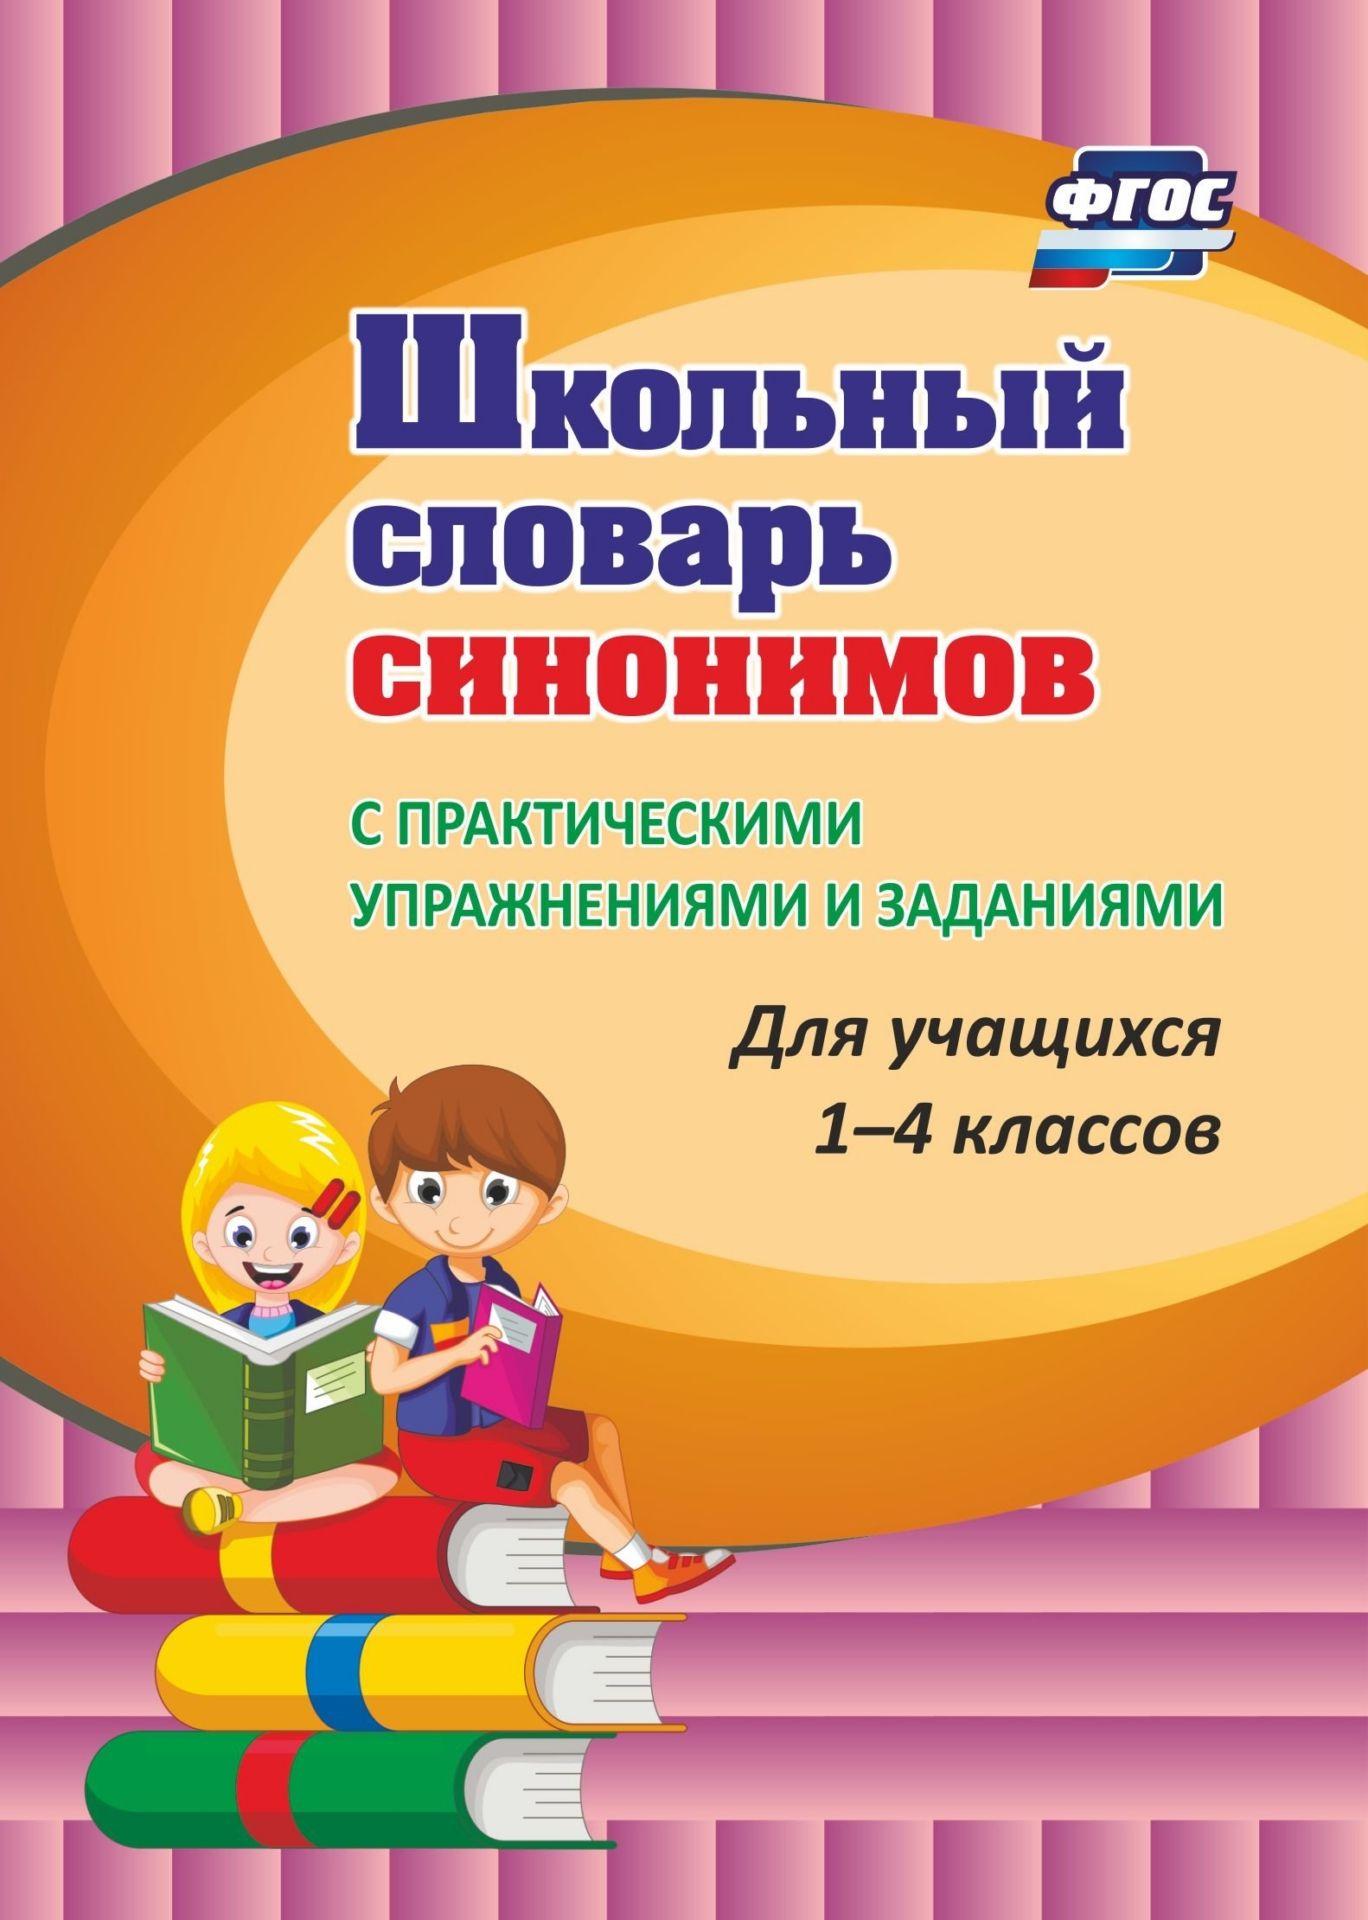 Школьный словарь синонимов. С практическими упражнениями и заданиями. Программа для установки через Интернет